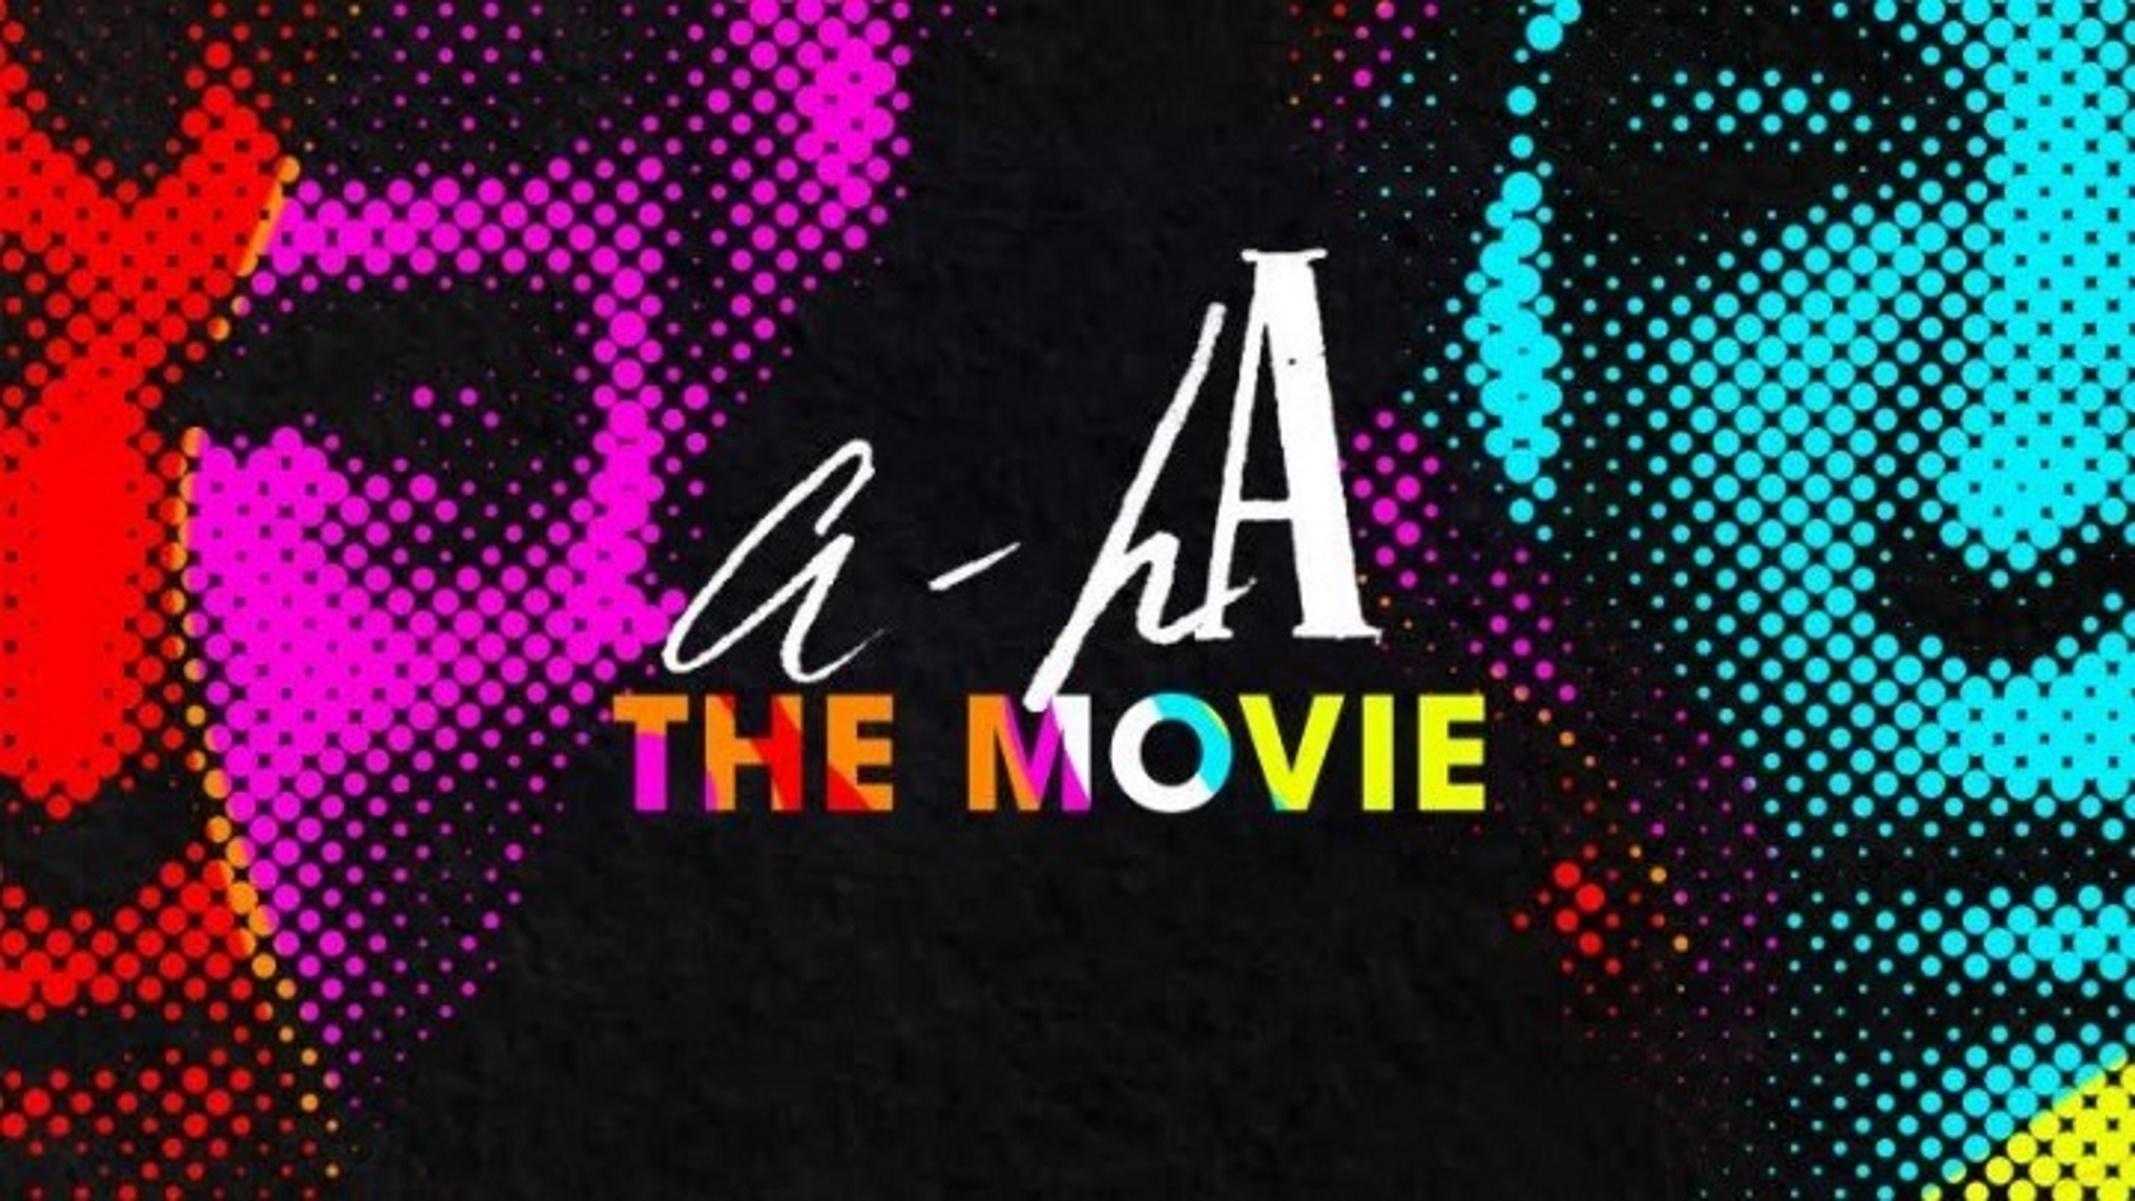 «A-ha The Movie»: Αυτό είναι το πρώτο τρέιλερ του ντοκιμαντέρ για το θρυλικό ποπ συγκρότημα (video)